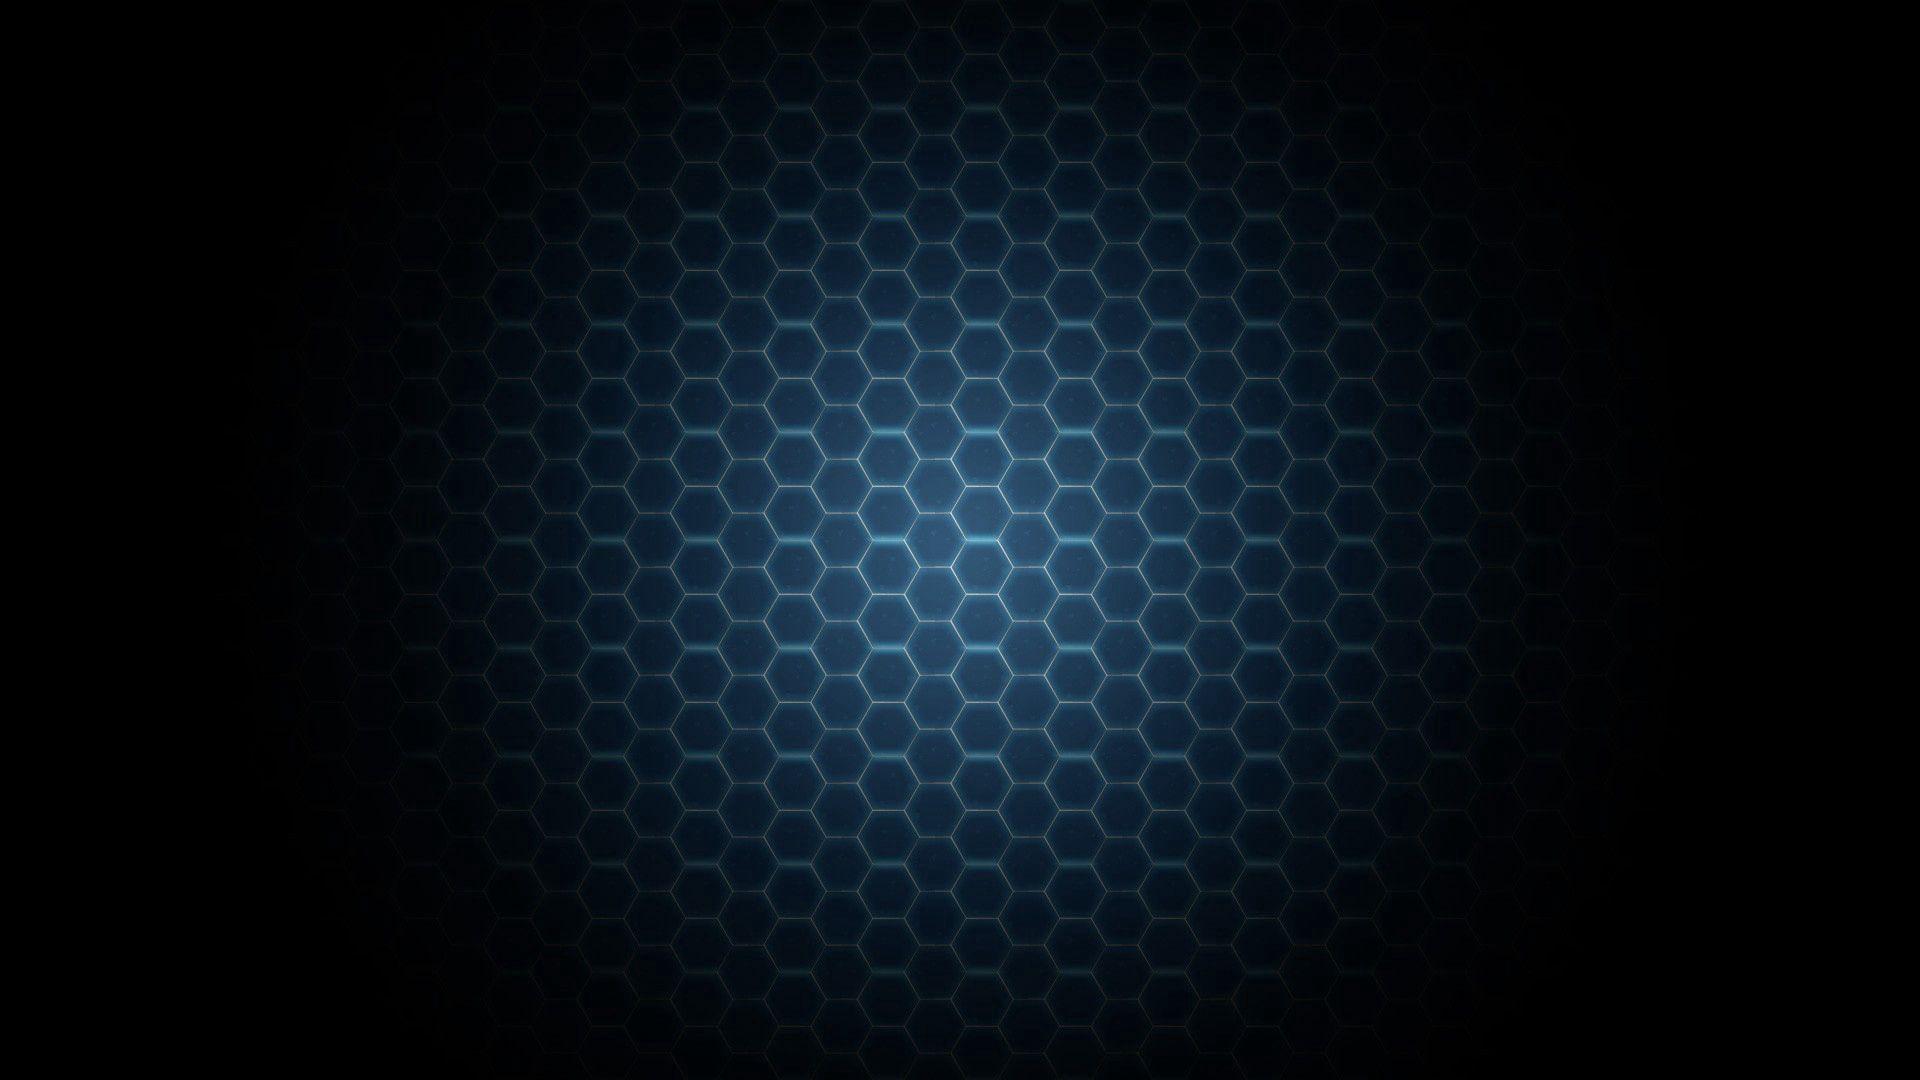 111159 économiseurs d'écran et fonds d'écran Textures sur votre téléphone. Téléchargez Textures, Contexte, Patterns, Sombre, Texture images gratuitement